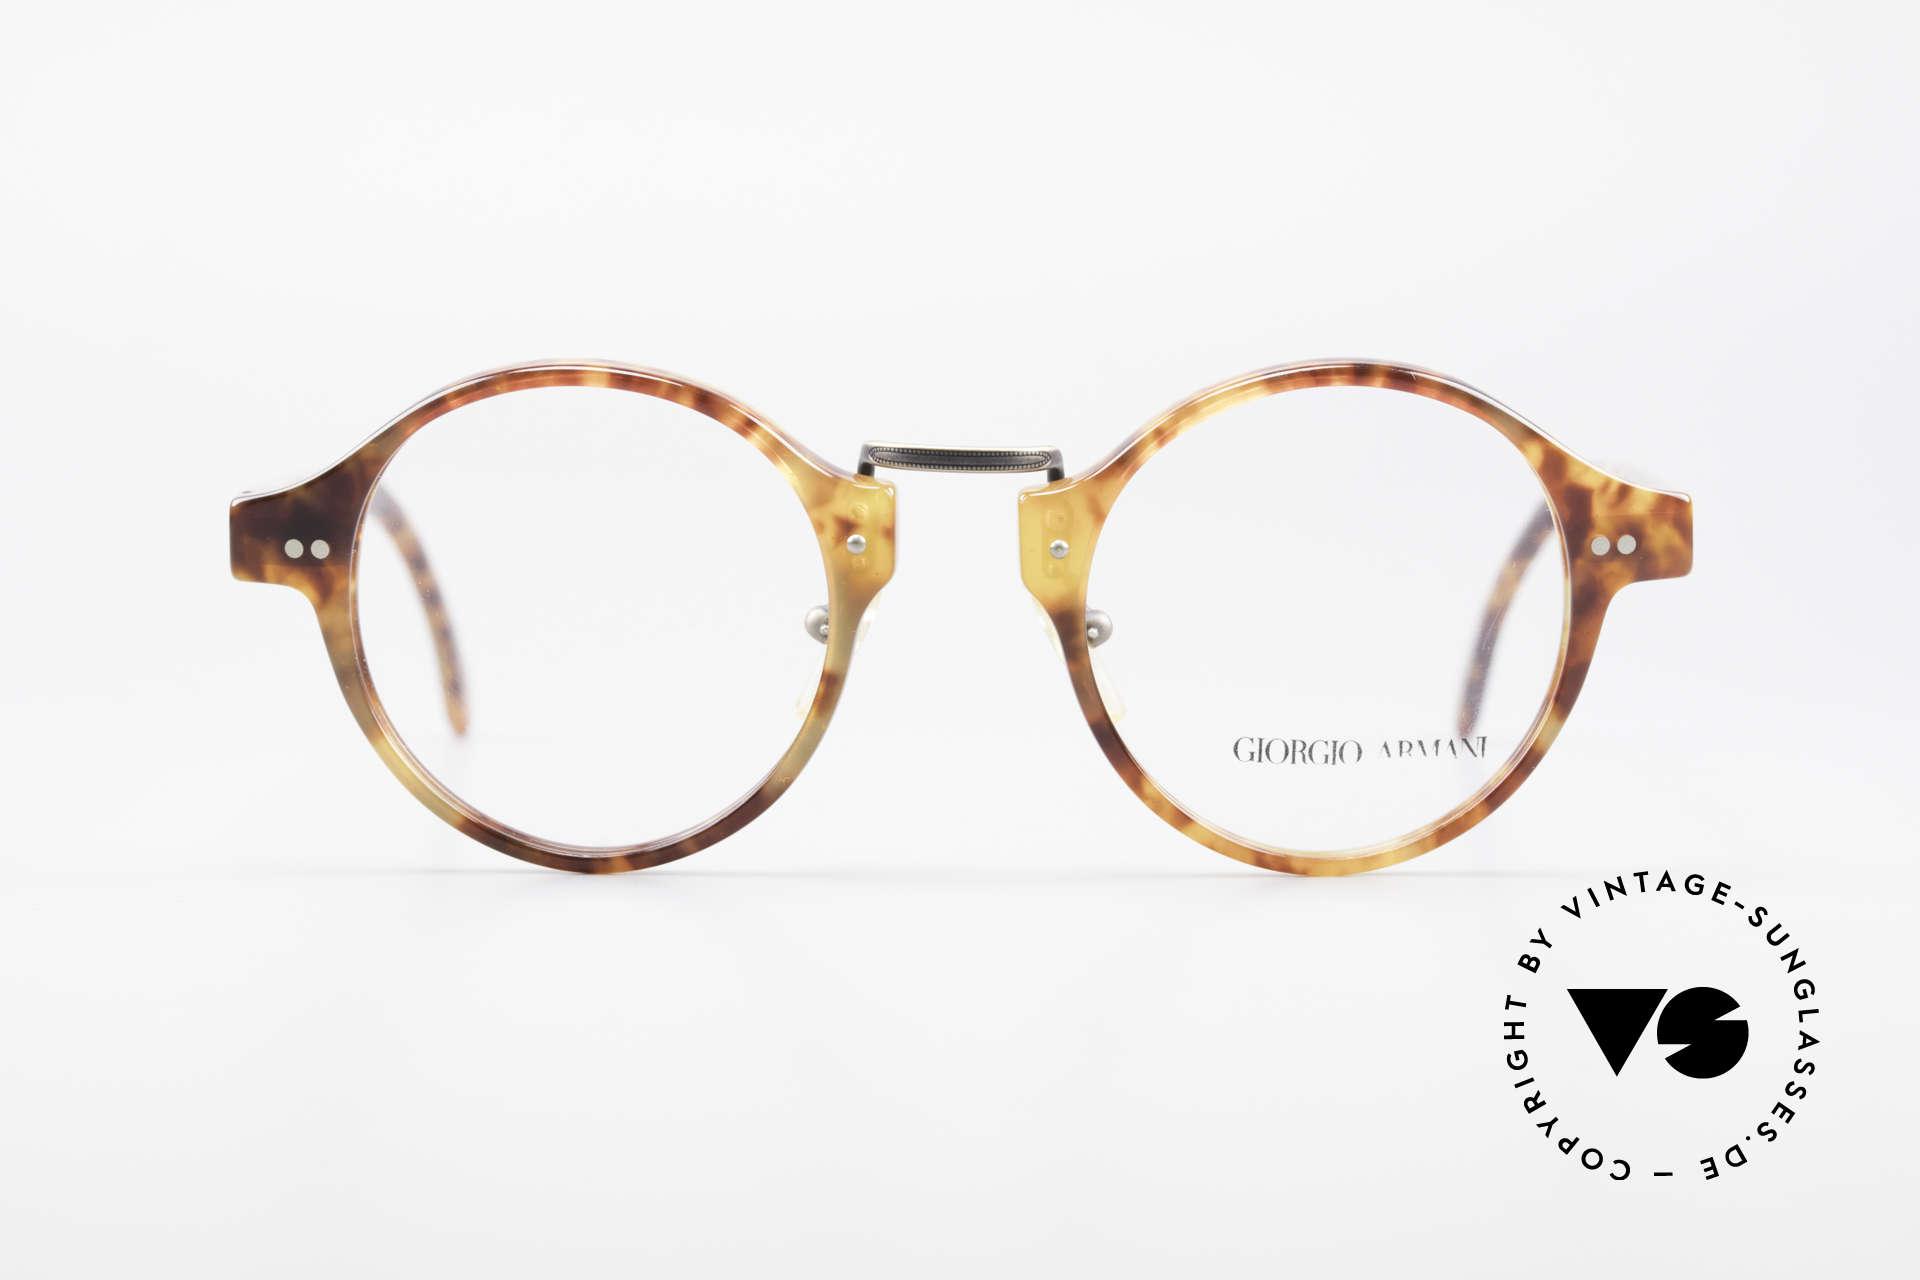 Giorgio Armani 341 Vintage Panto Eyeglass-Frame, legendary & world famous 'panto design' - a CLASSIC, Made for Men